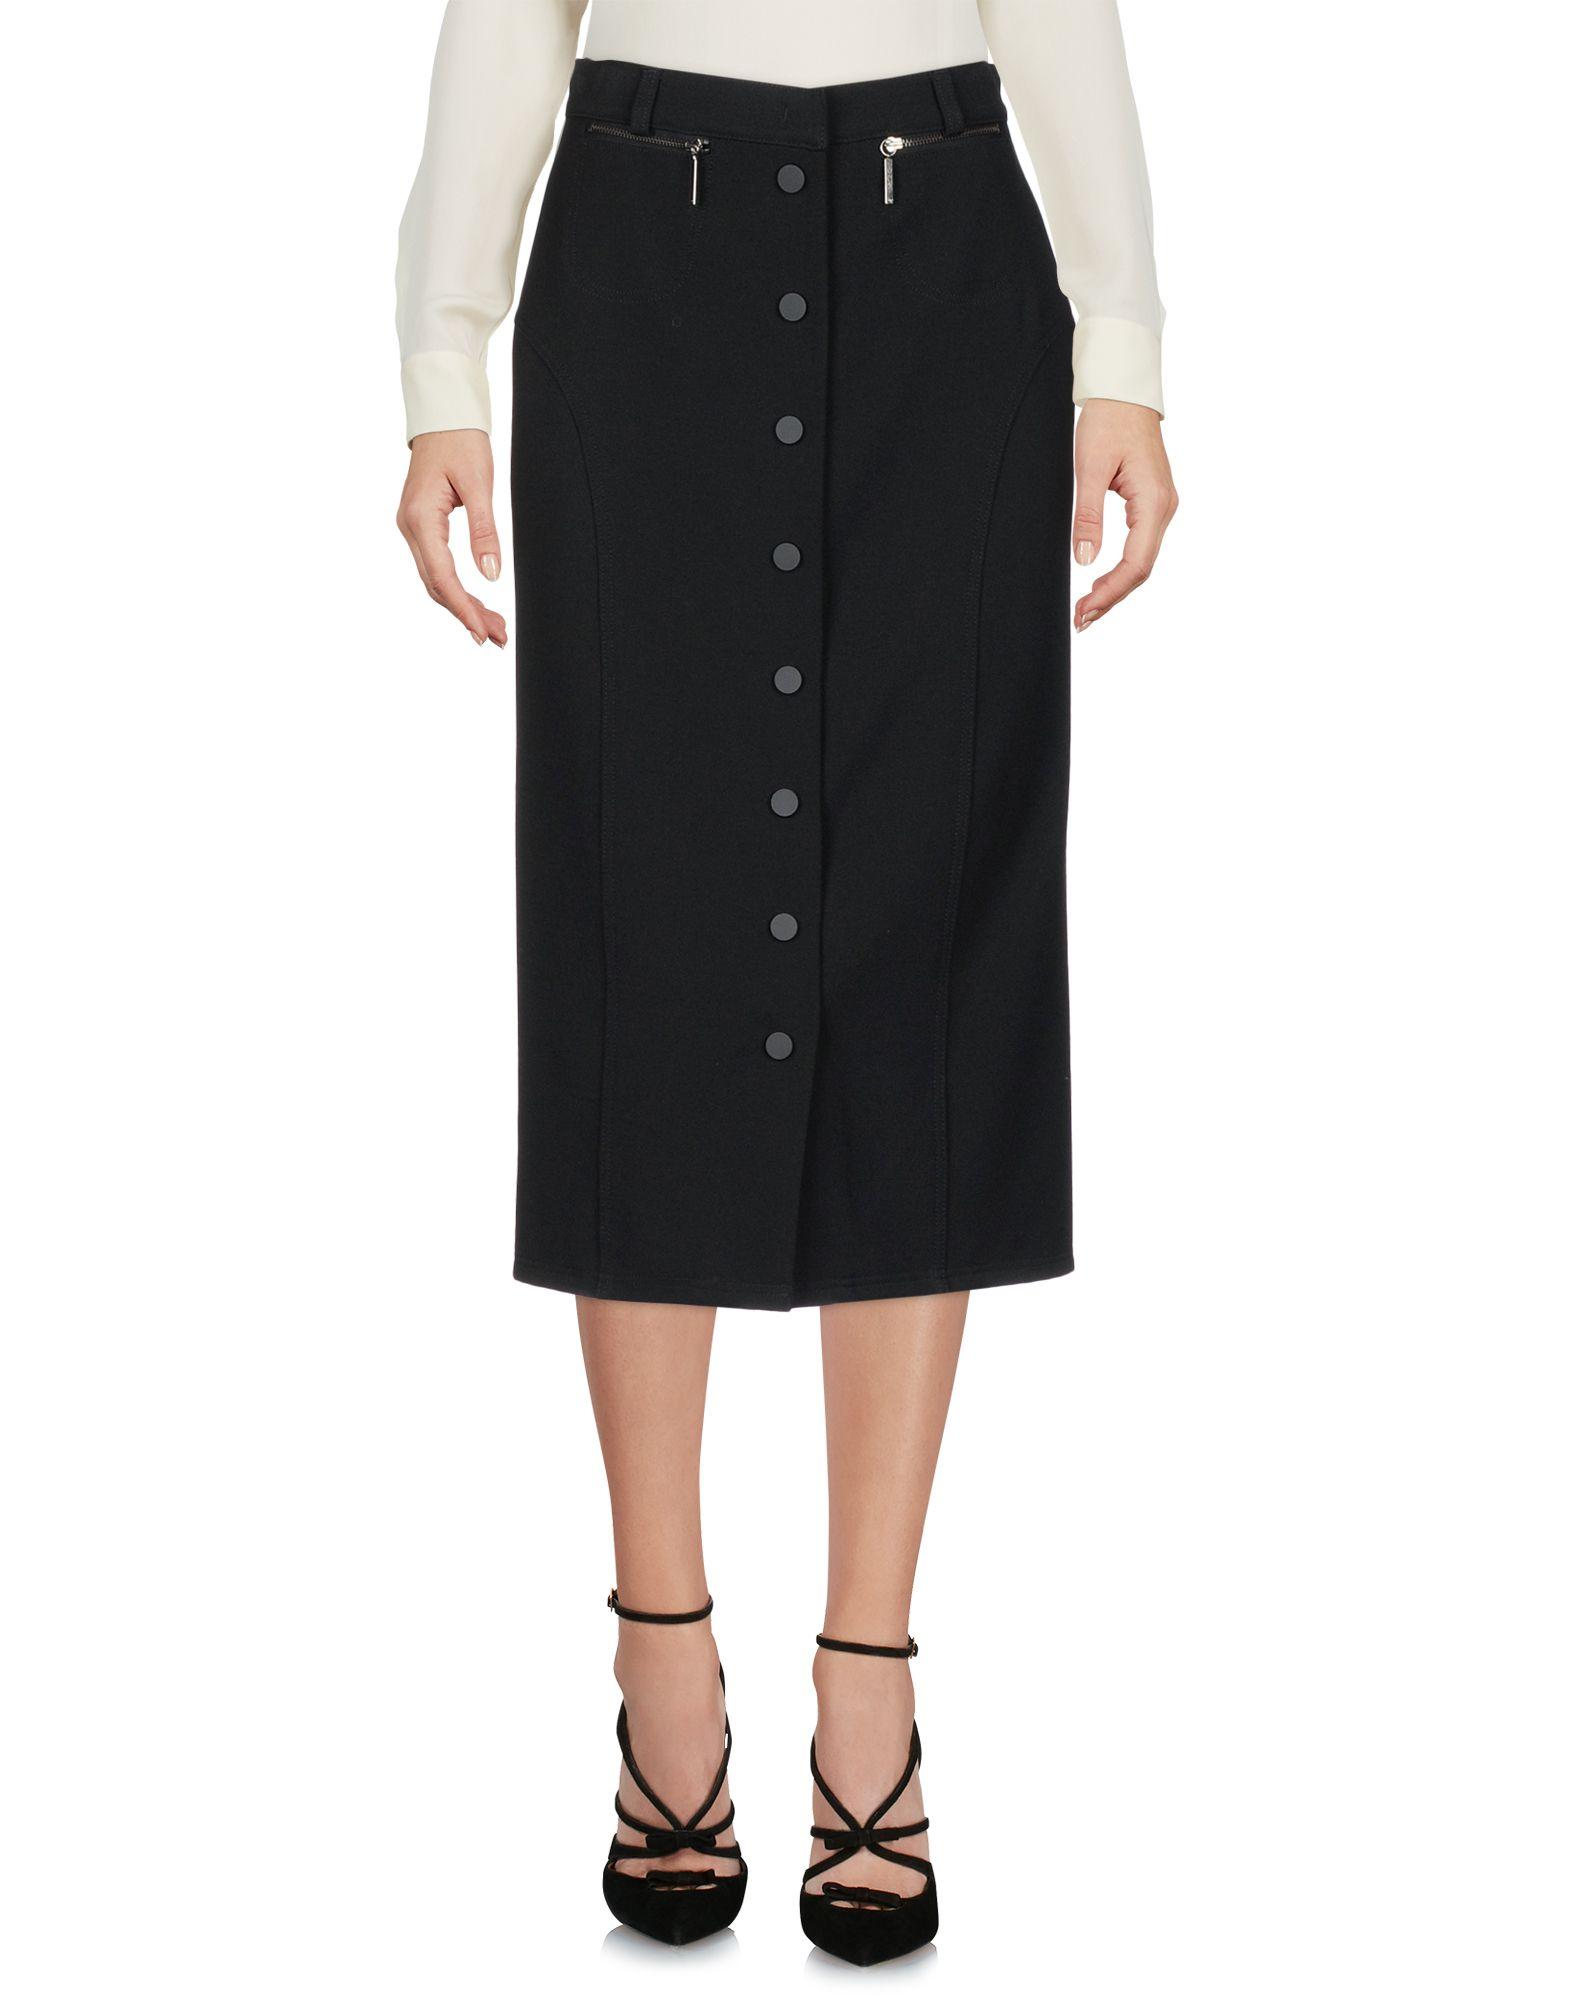 Gonna Longuette Armani Jeans Donna - Acquista online su WY7TL